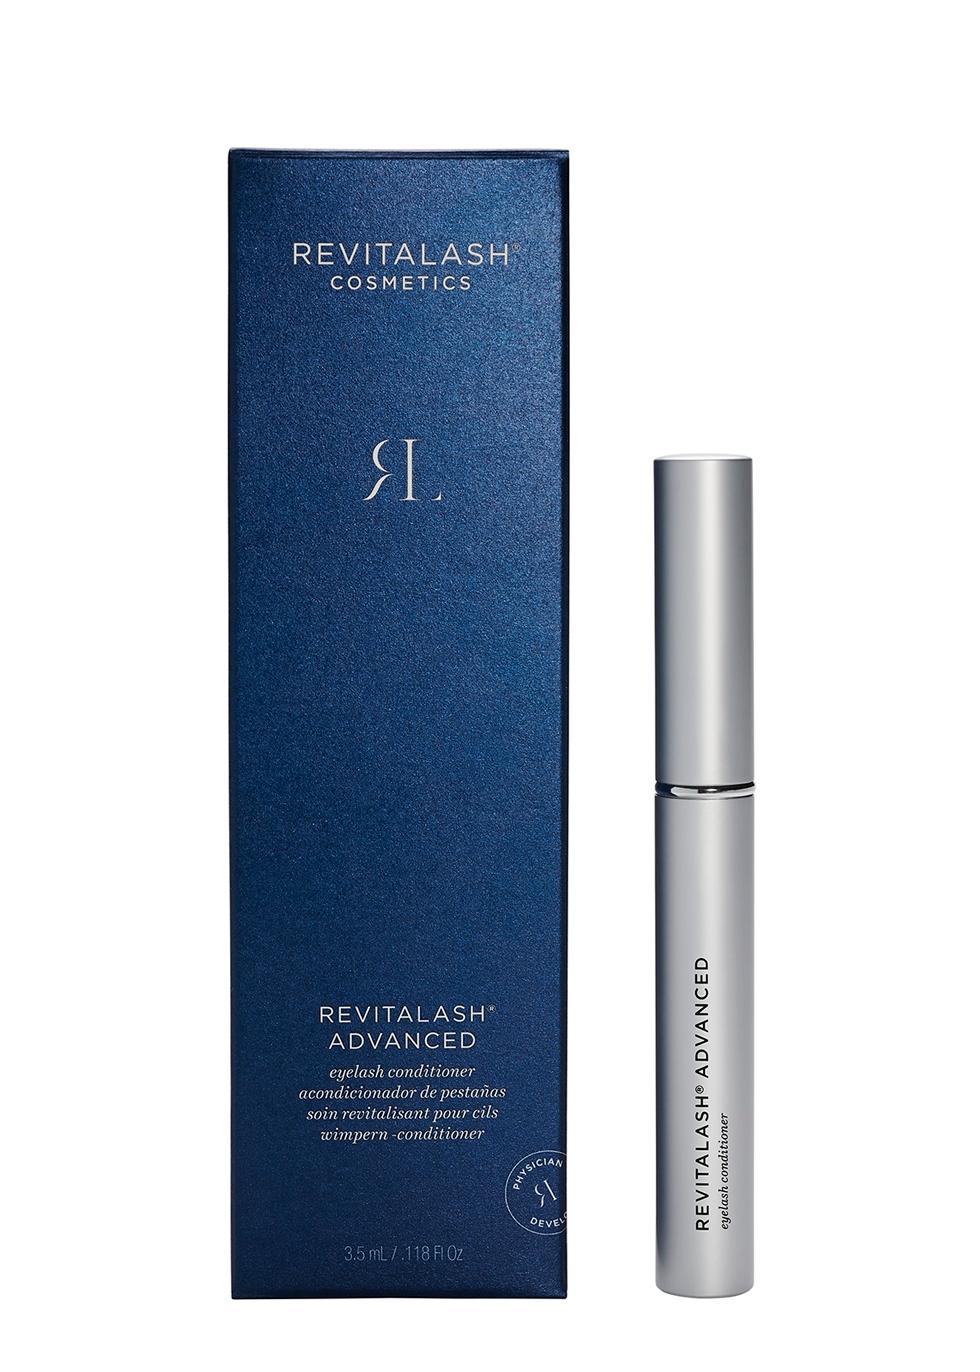 Revitalash Advanced ® 3.5ml - Revitalash